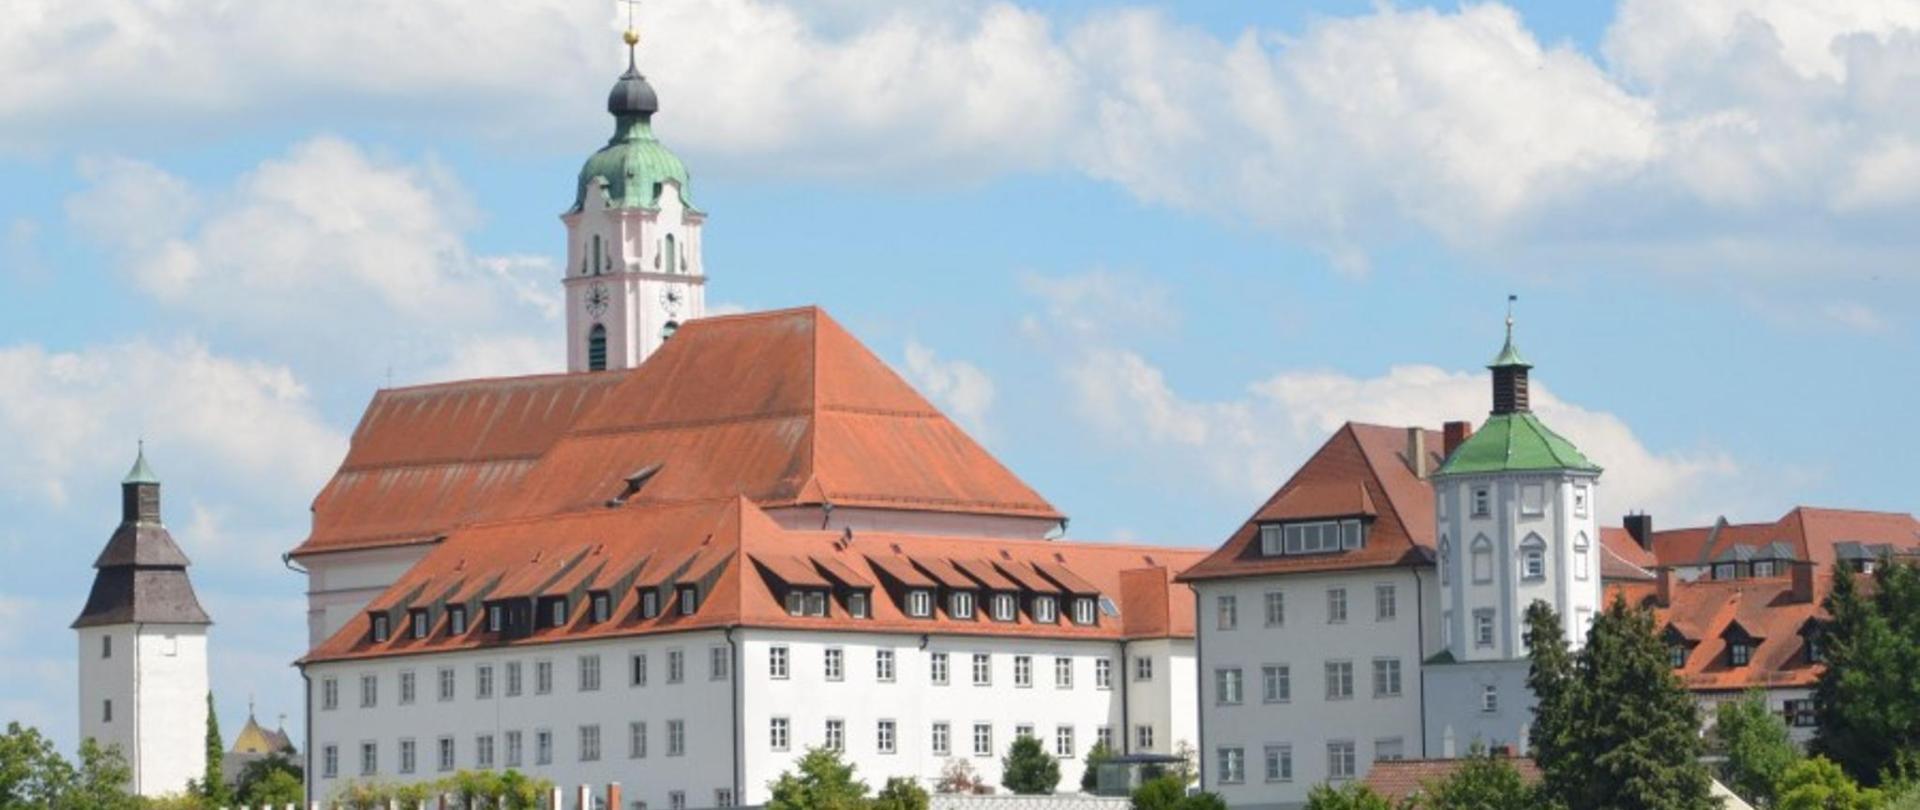 Bild-Nr.-1-Frauenkirche-und-Maria-Ward-Institut1-e1498643300767.jpg